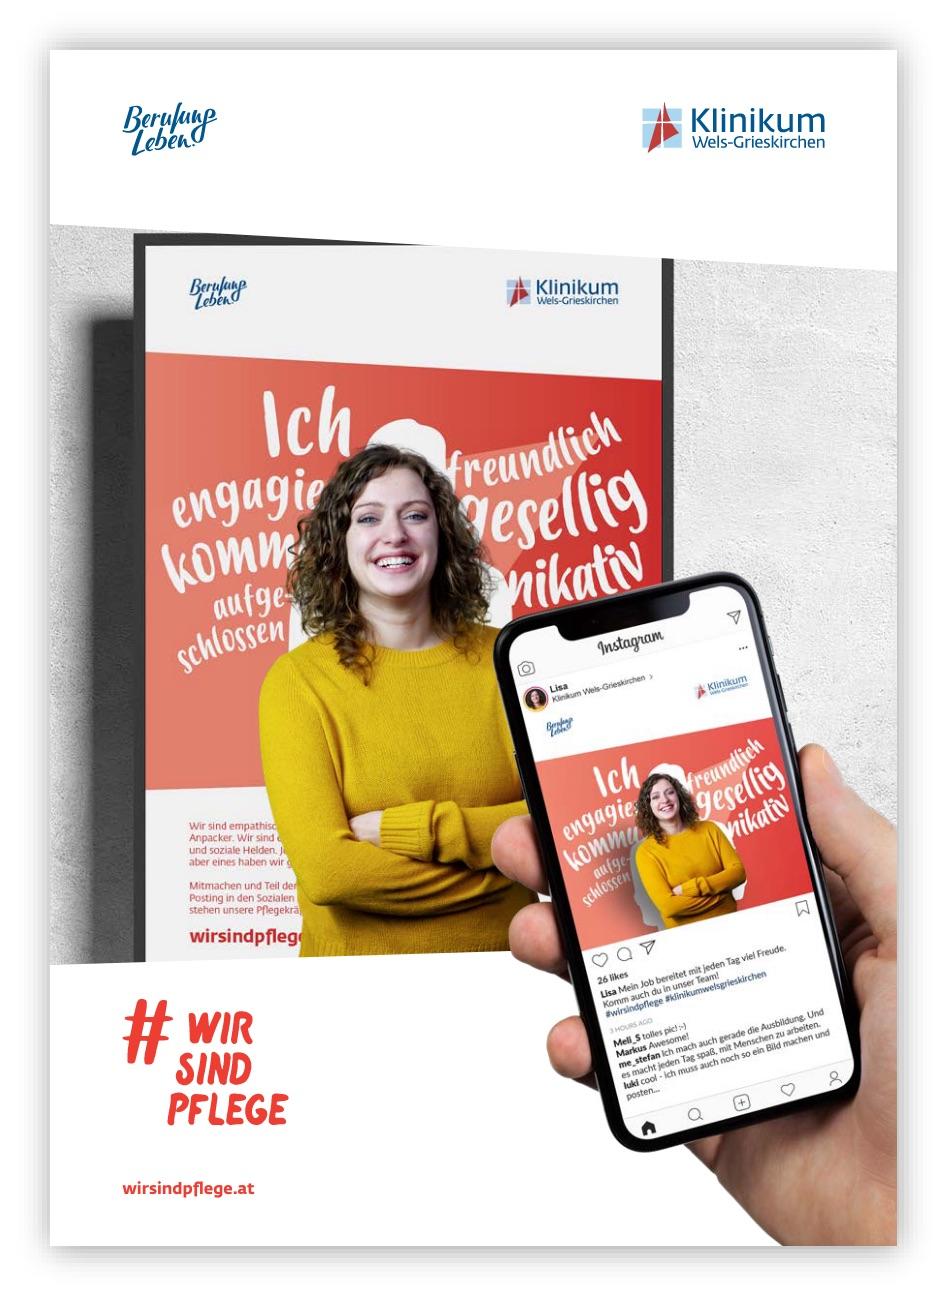 q2-werbeagentur_klinikum_pflegekampagne_anzeige